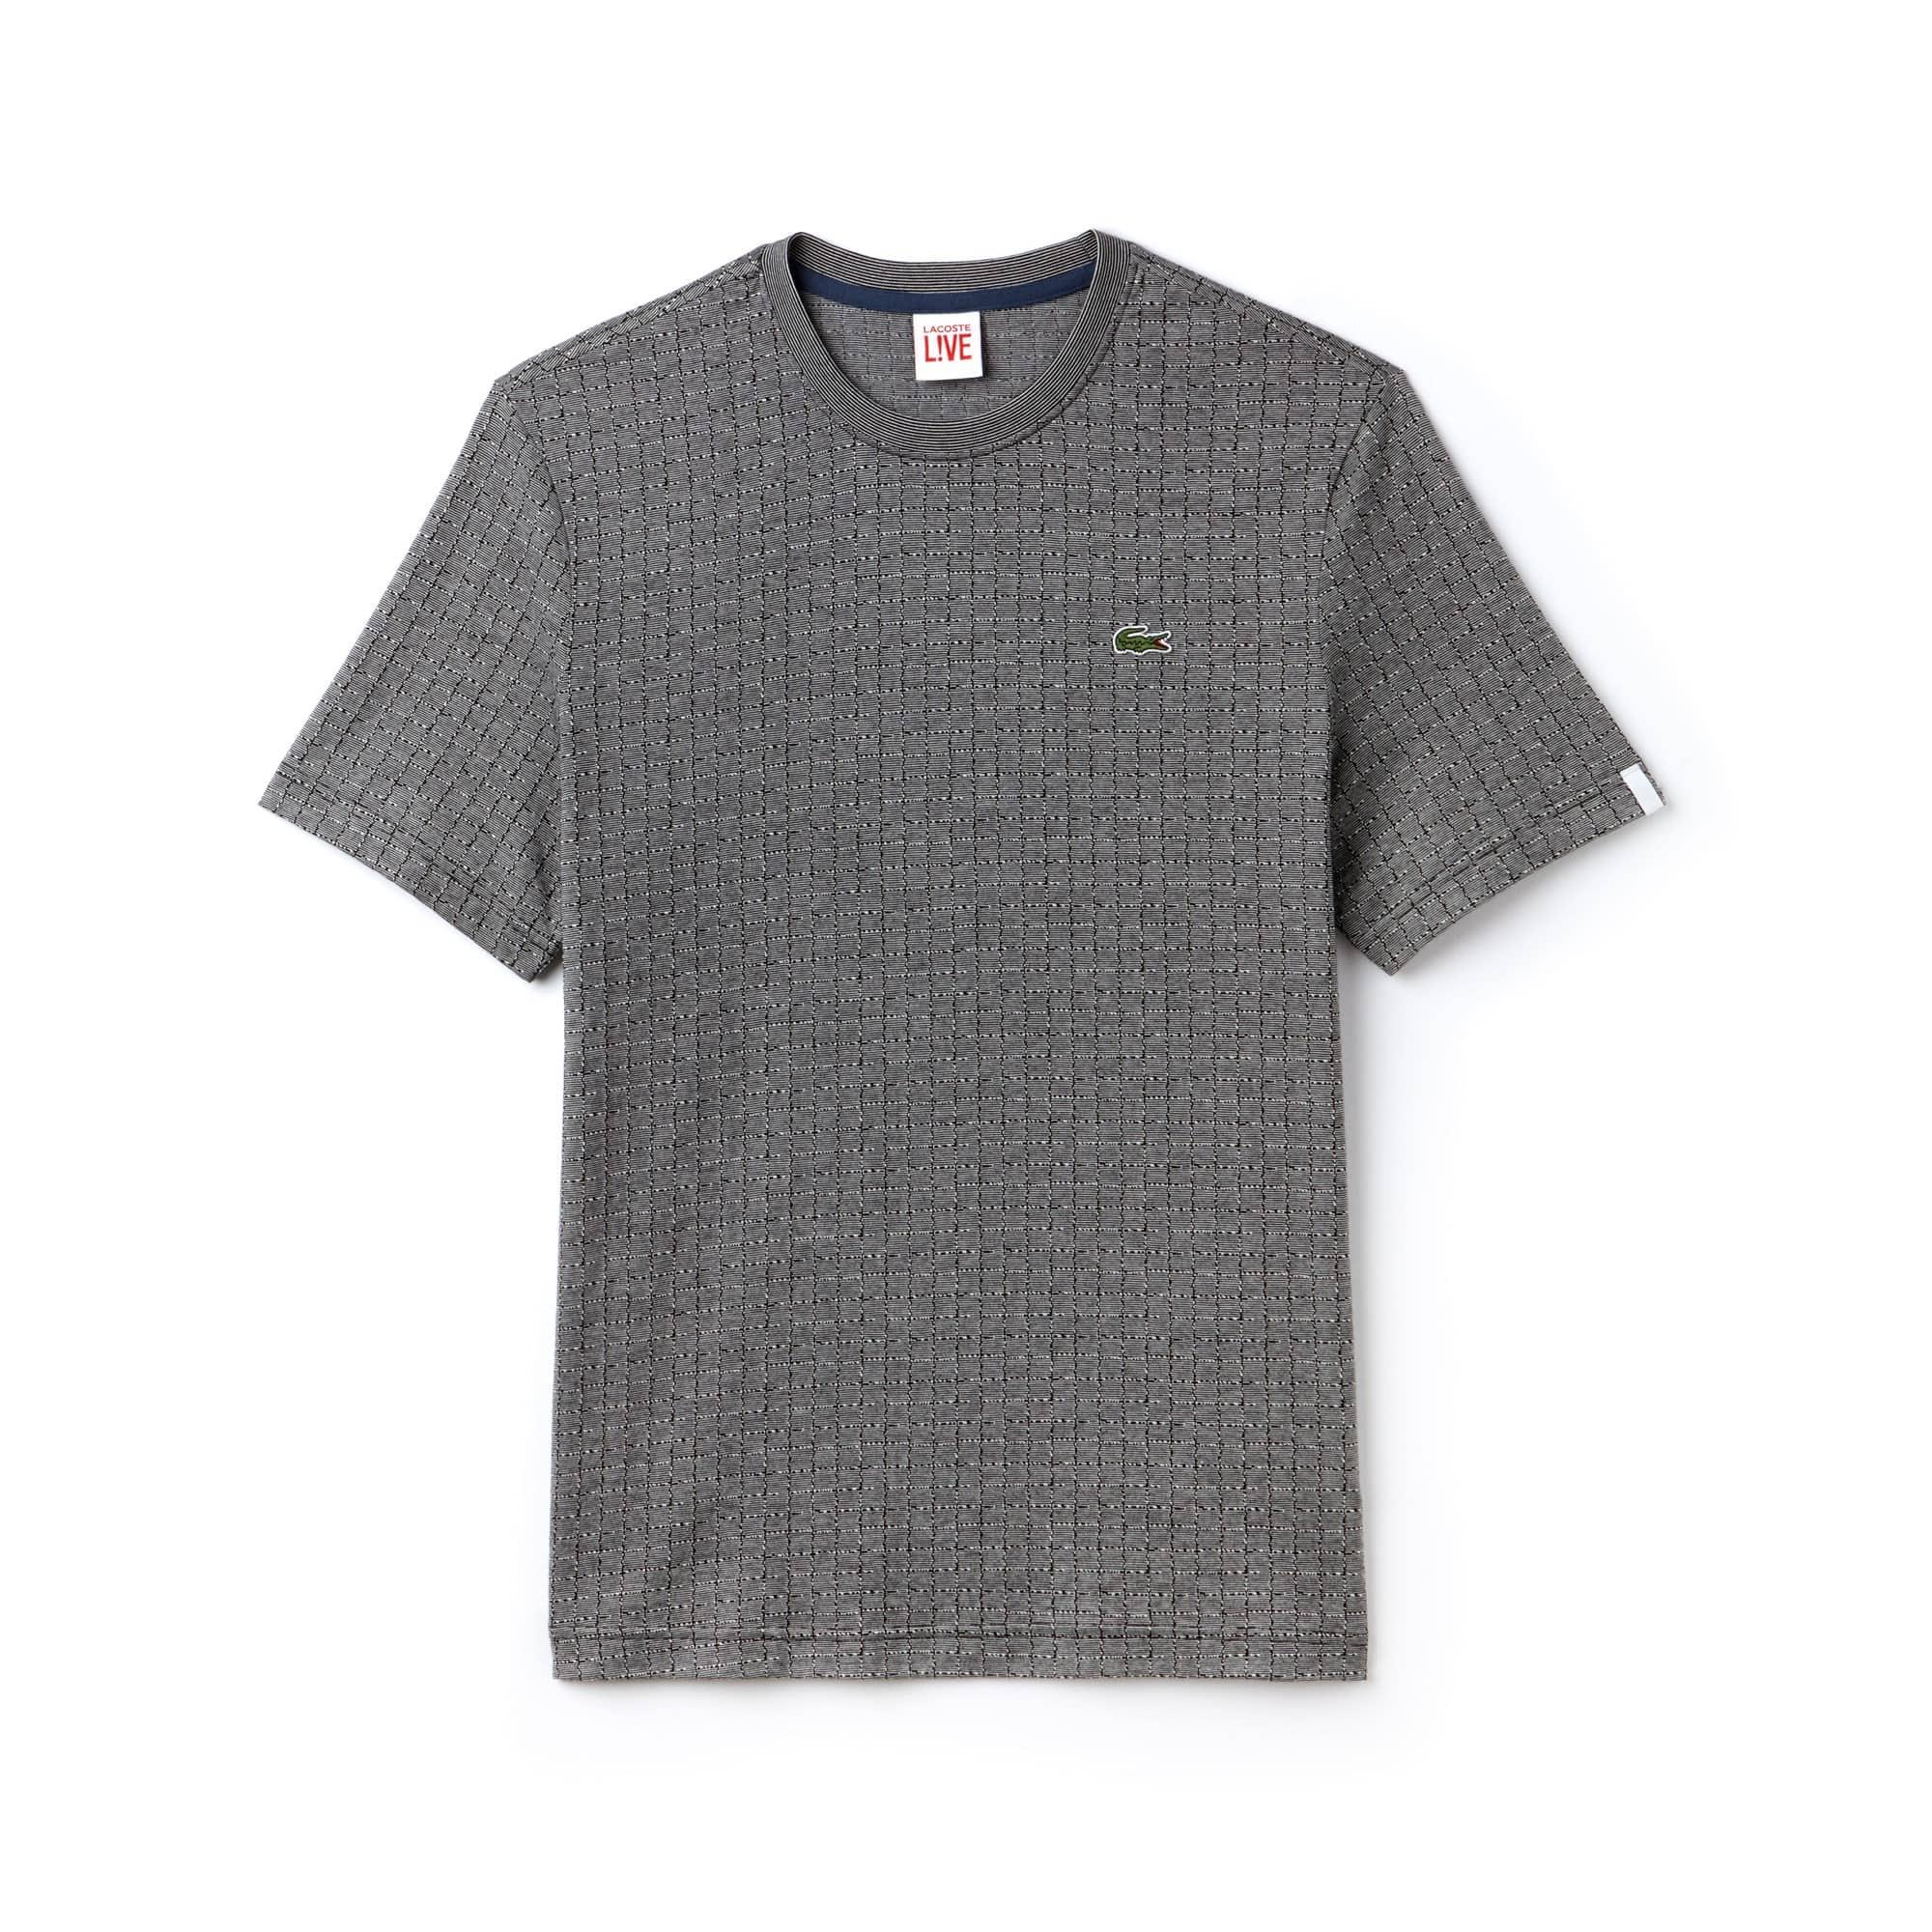 Camiseta cuello redondo Lacoste LIVE de jacquard de algodón estampado